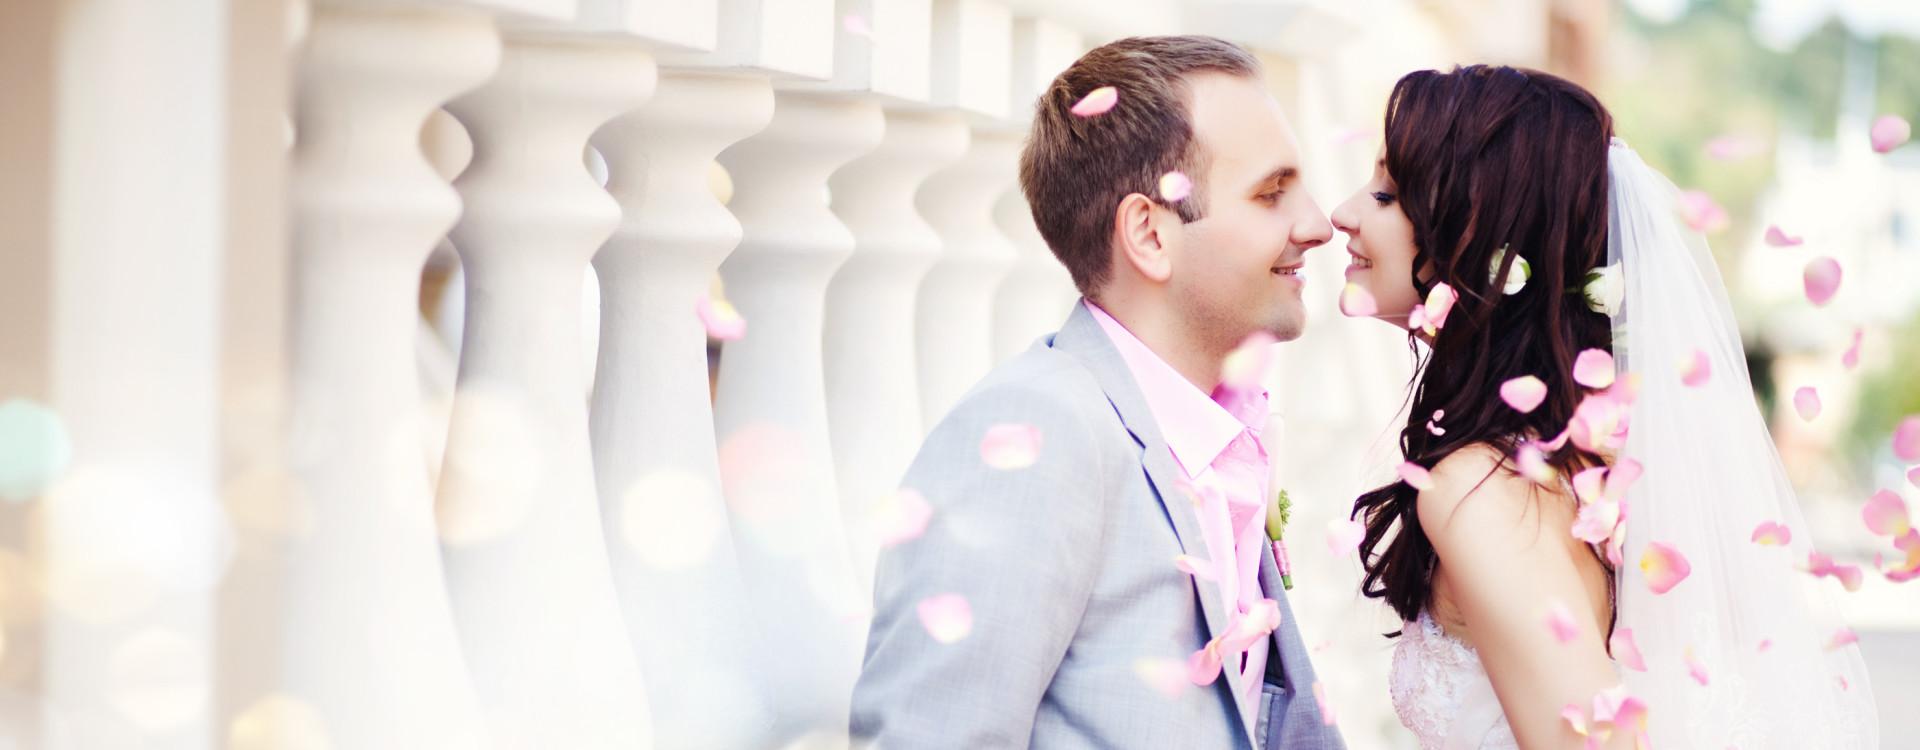 Свадьба в белом цвете или белая свадьба | Организация идеальной